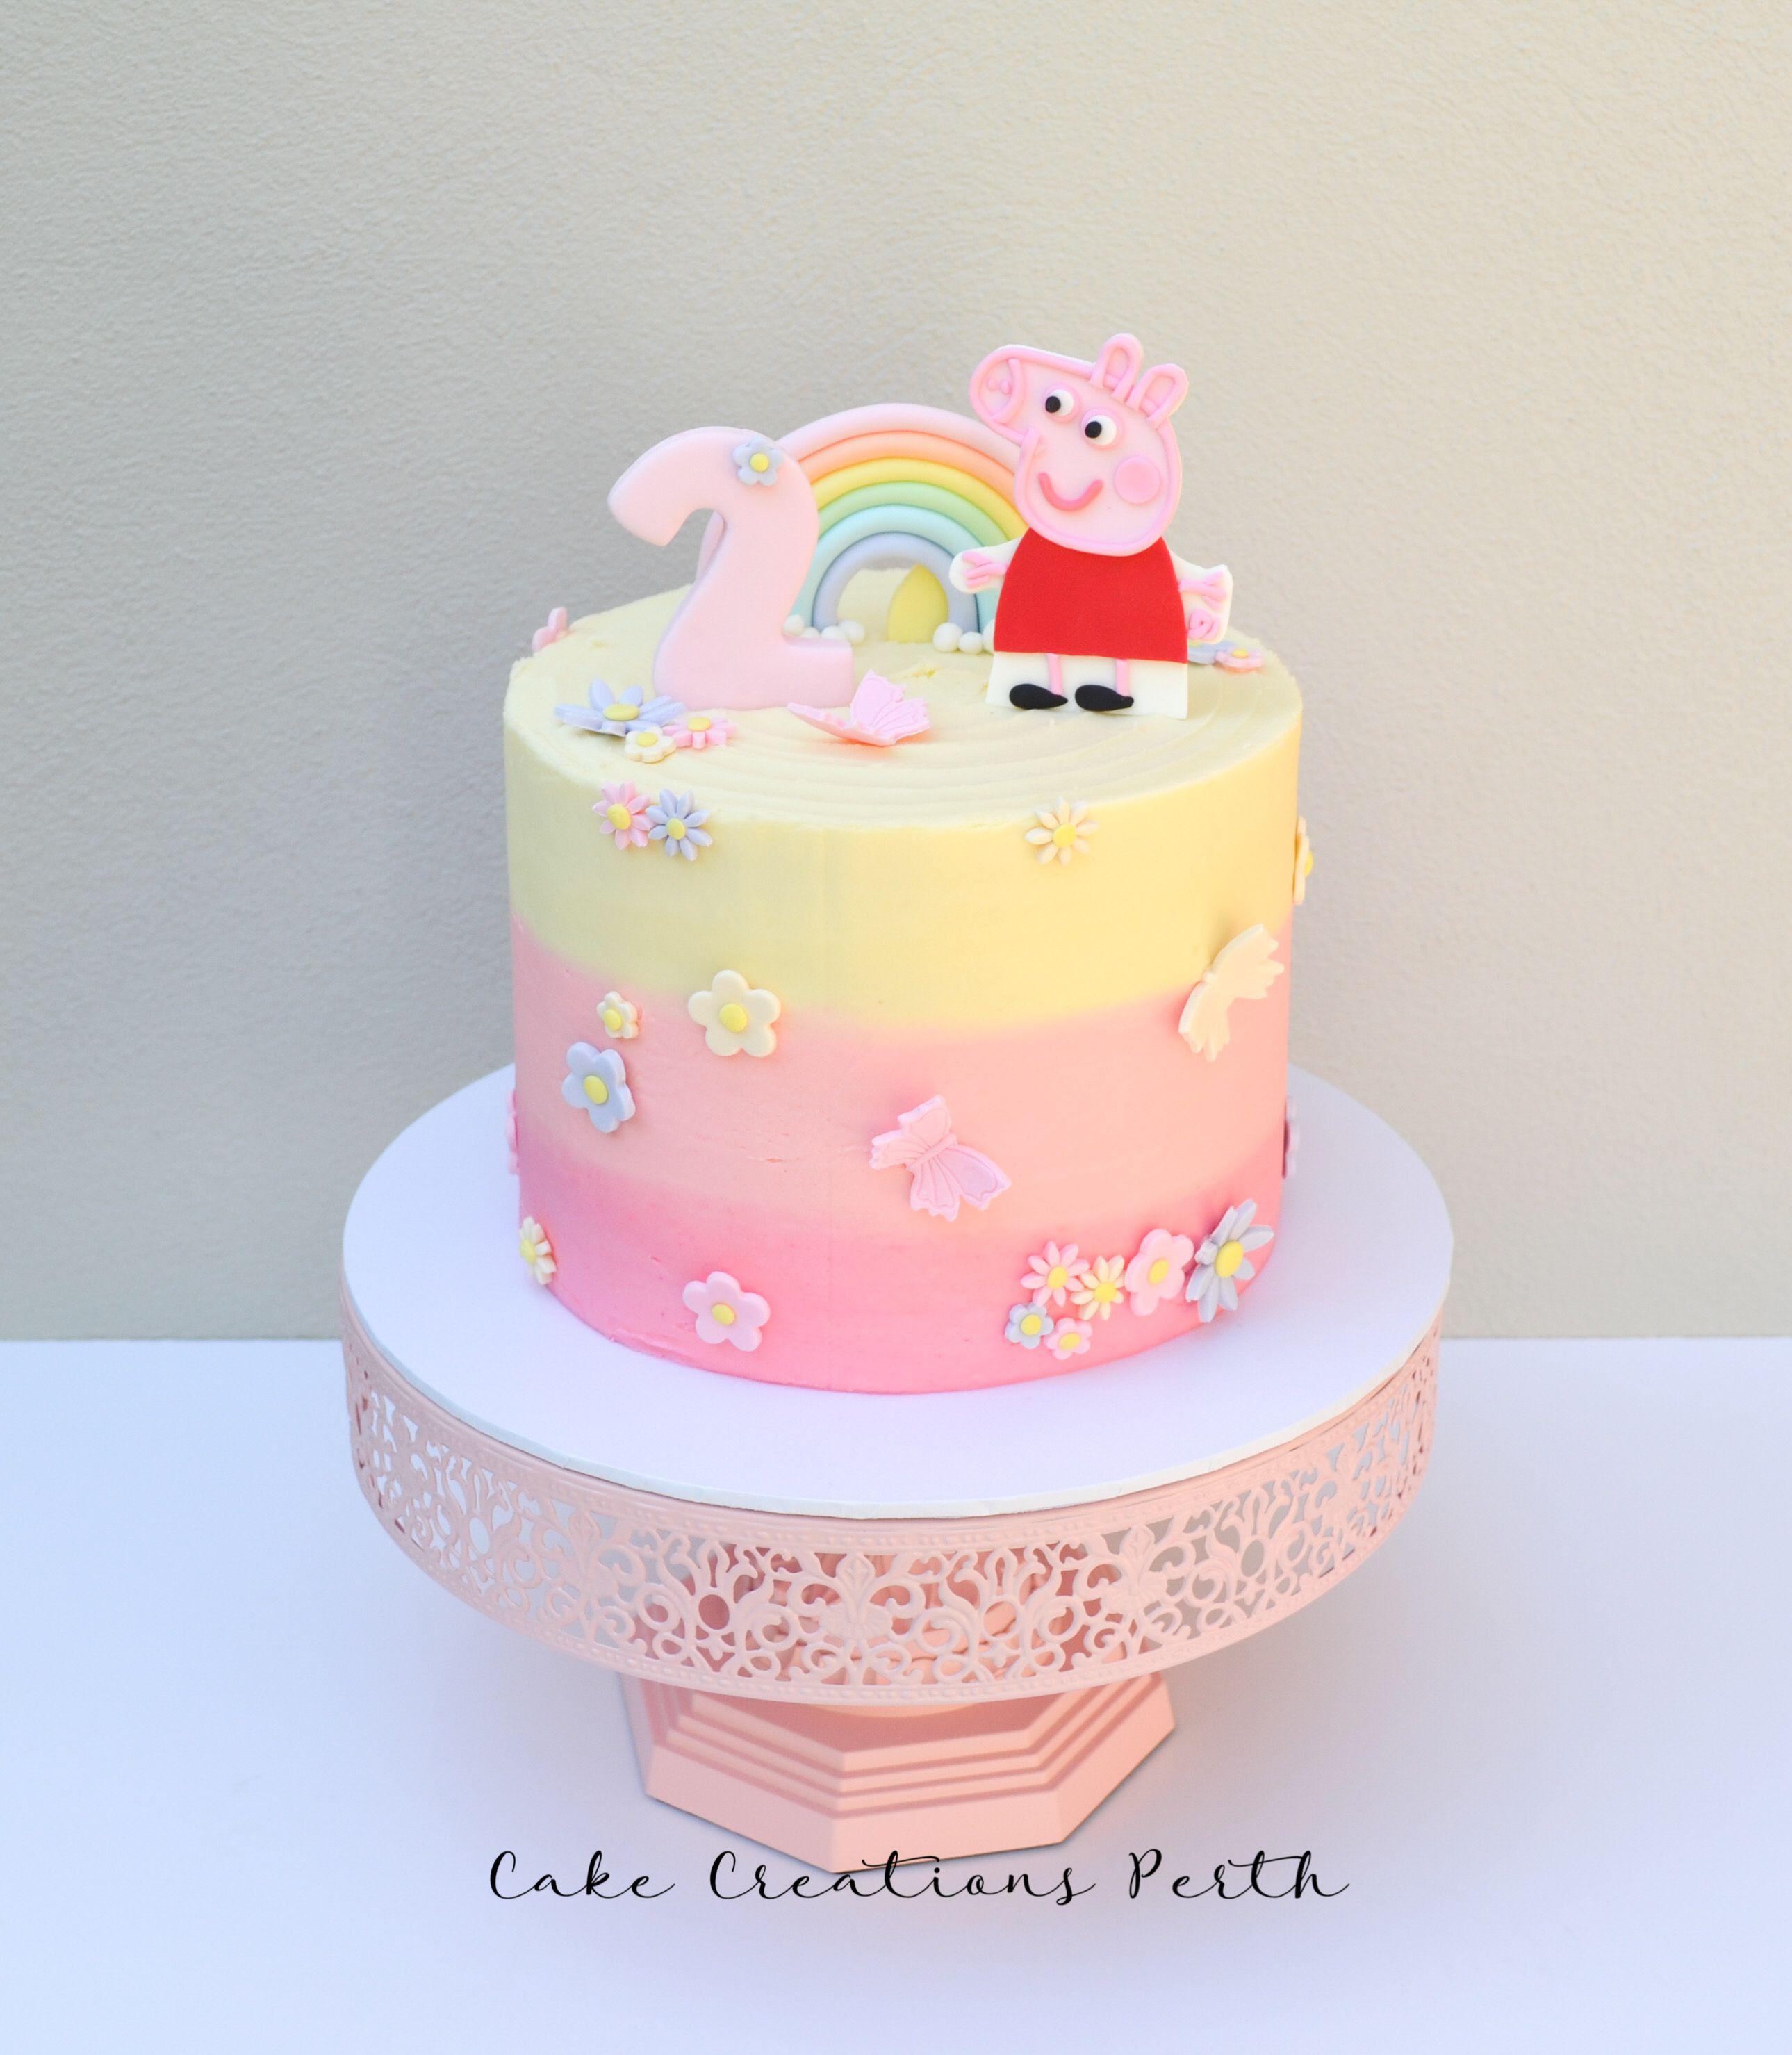 Incredible Lilys Peppa Pig Cake Pig Birthday Cakes Peppa Pig Birthday Funny Birthday Cards Online Necthendildamsfinfo